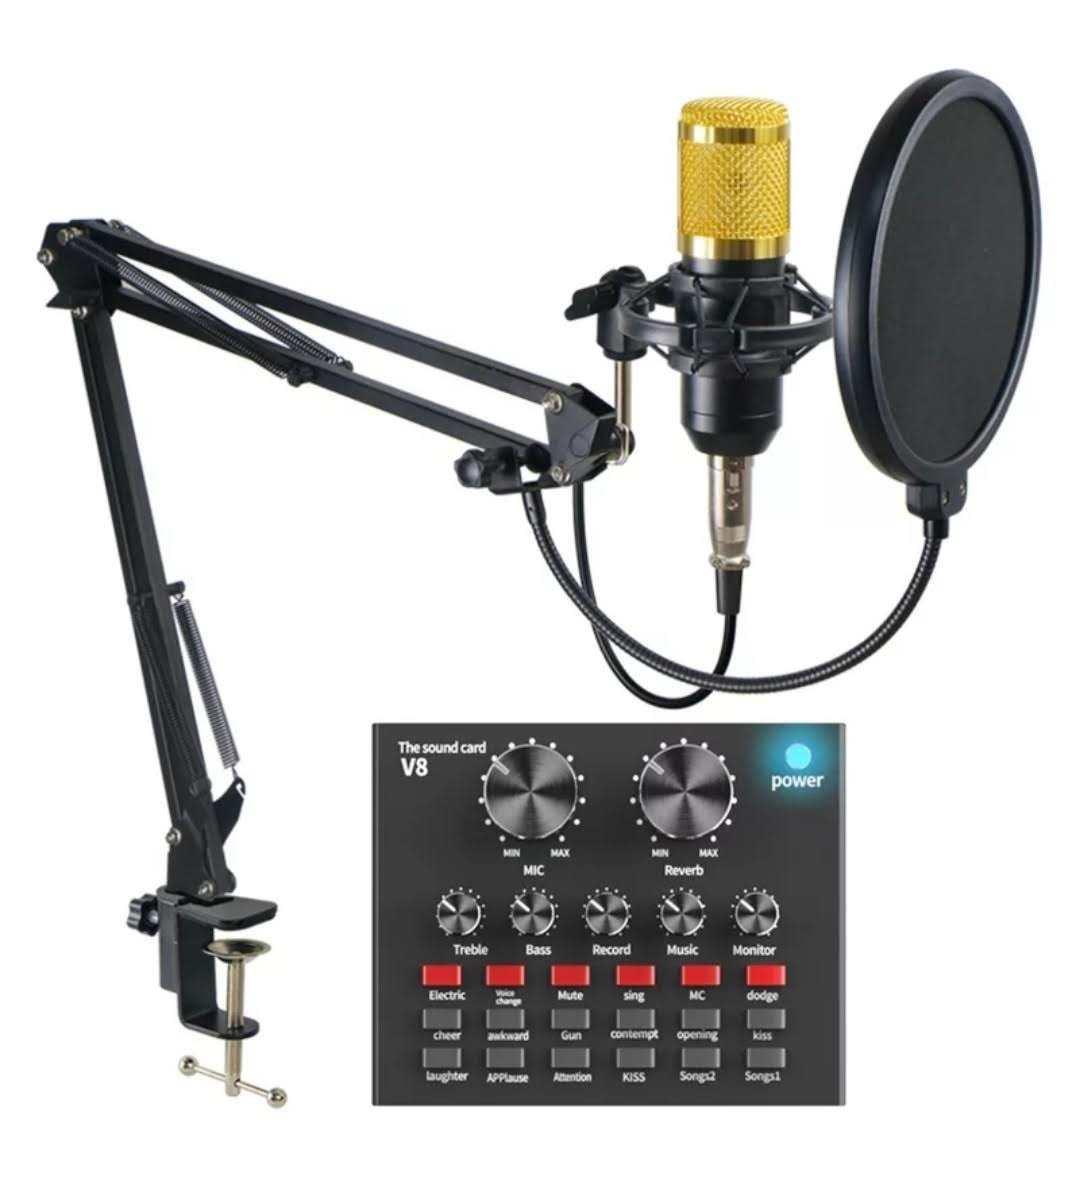 Microfone Condenser Qualidade Profissional Com Gravação Lotus LT-M121